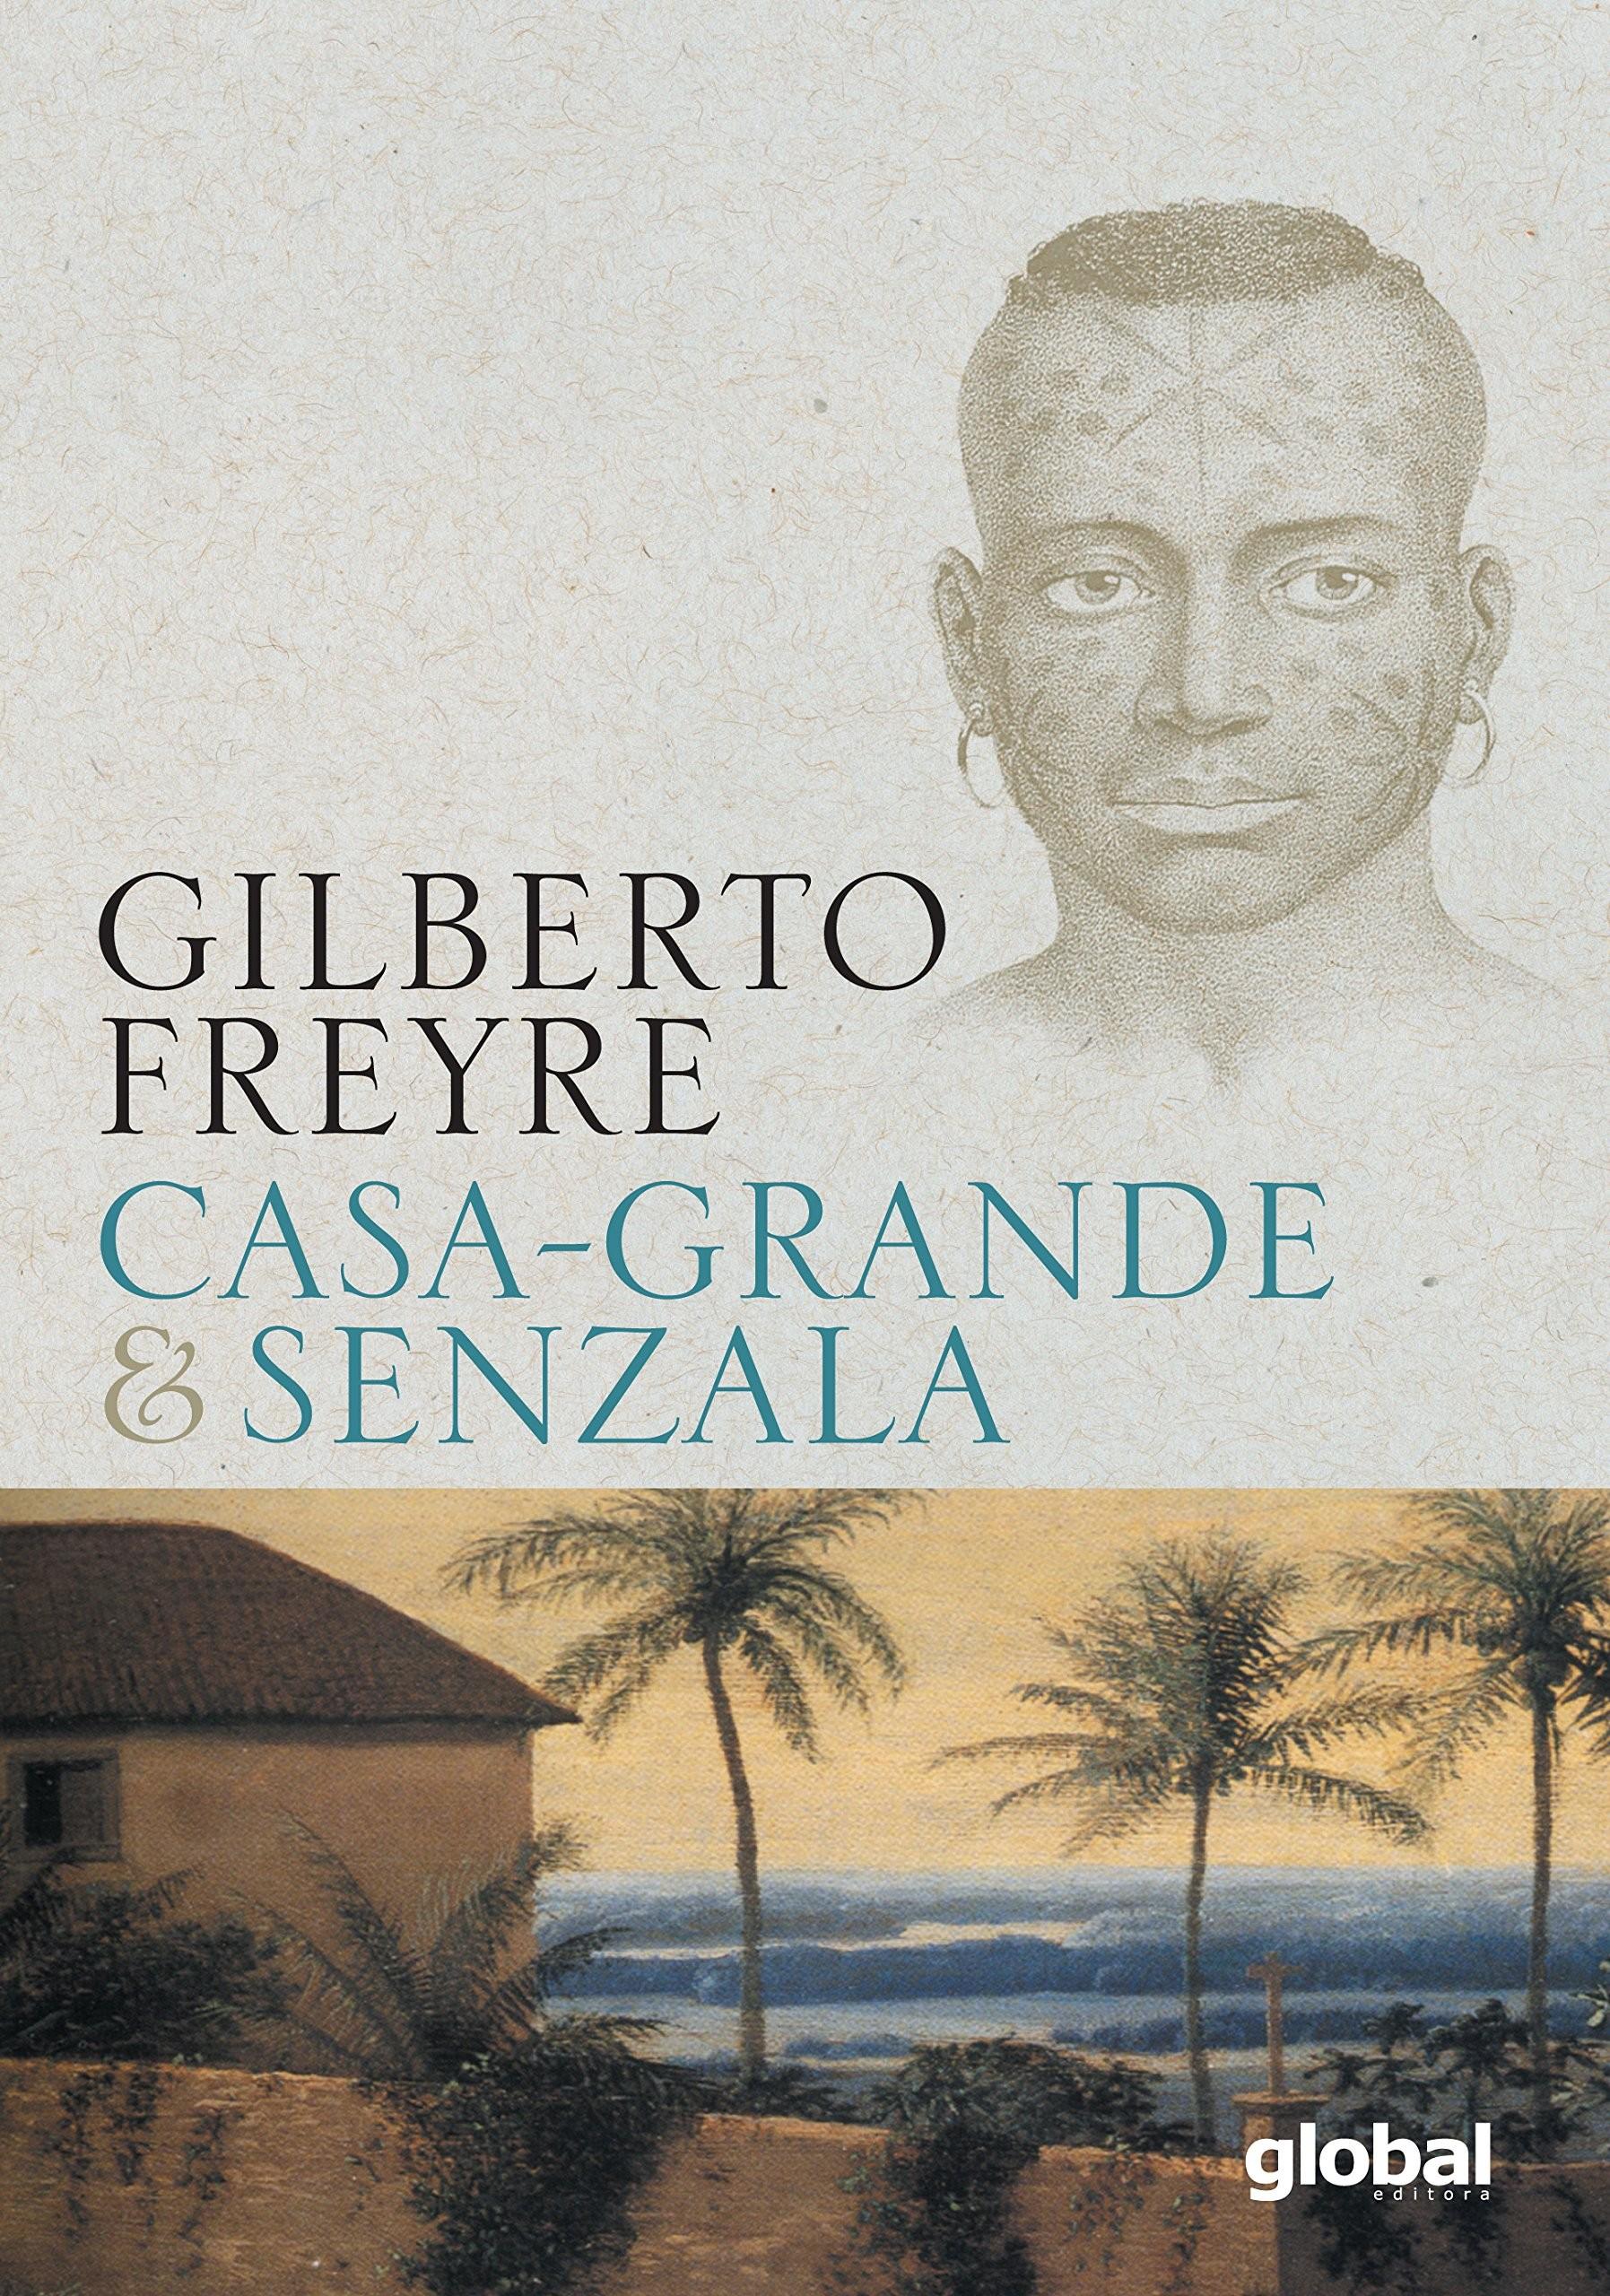 """Autor de """"Casa-Grande & Senzala"""", Gilberto Freyre é reconhecido como um dos mais importantes cientistas sociais do século 20 (Foto: Reprodução)"""